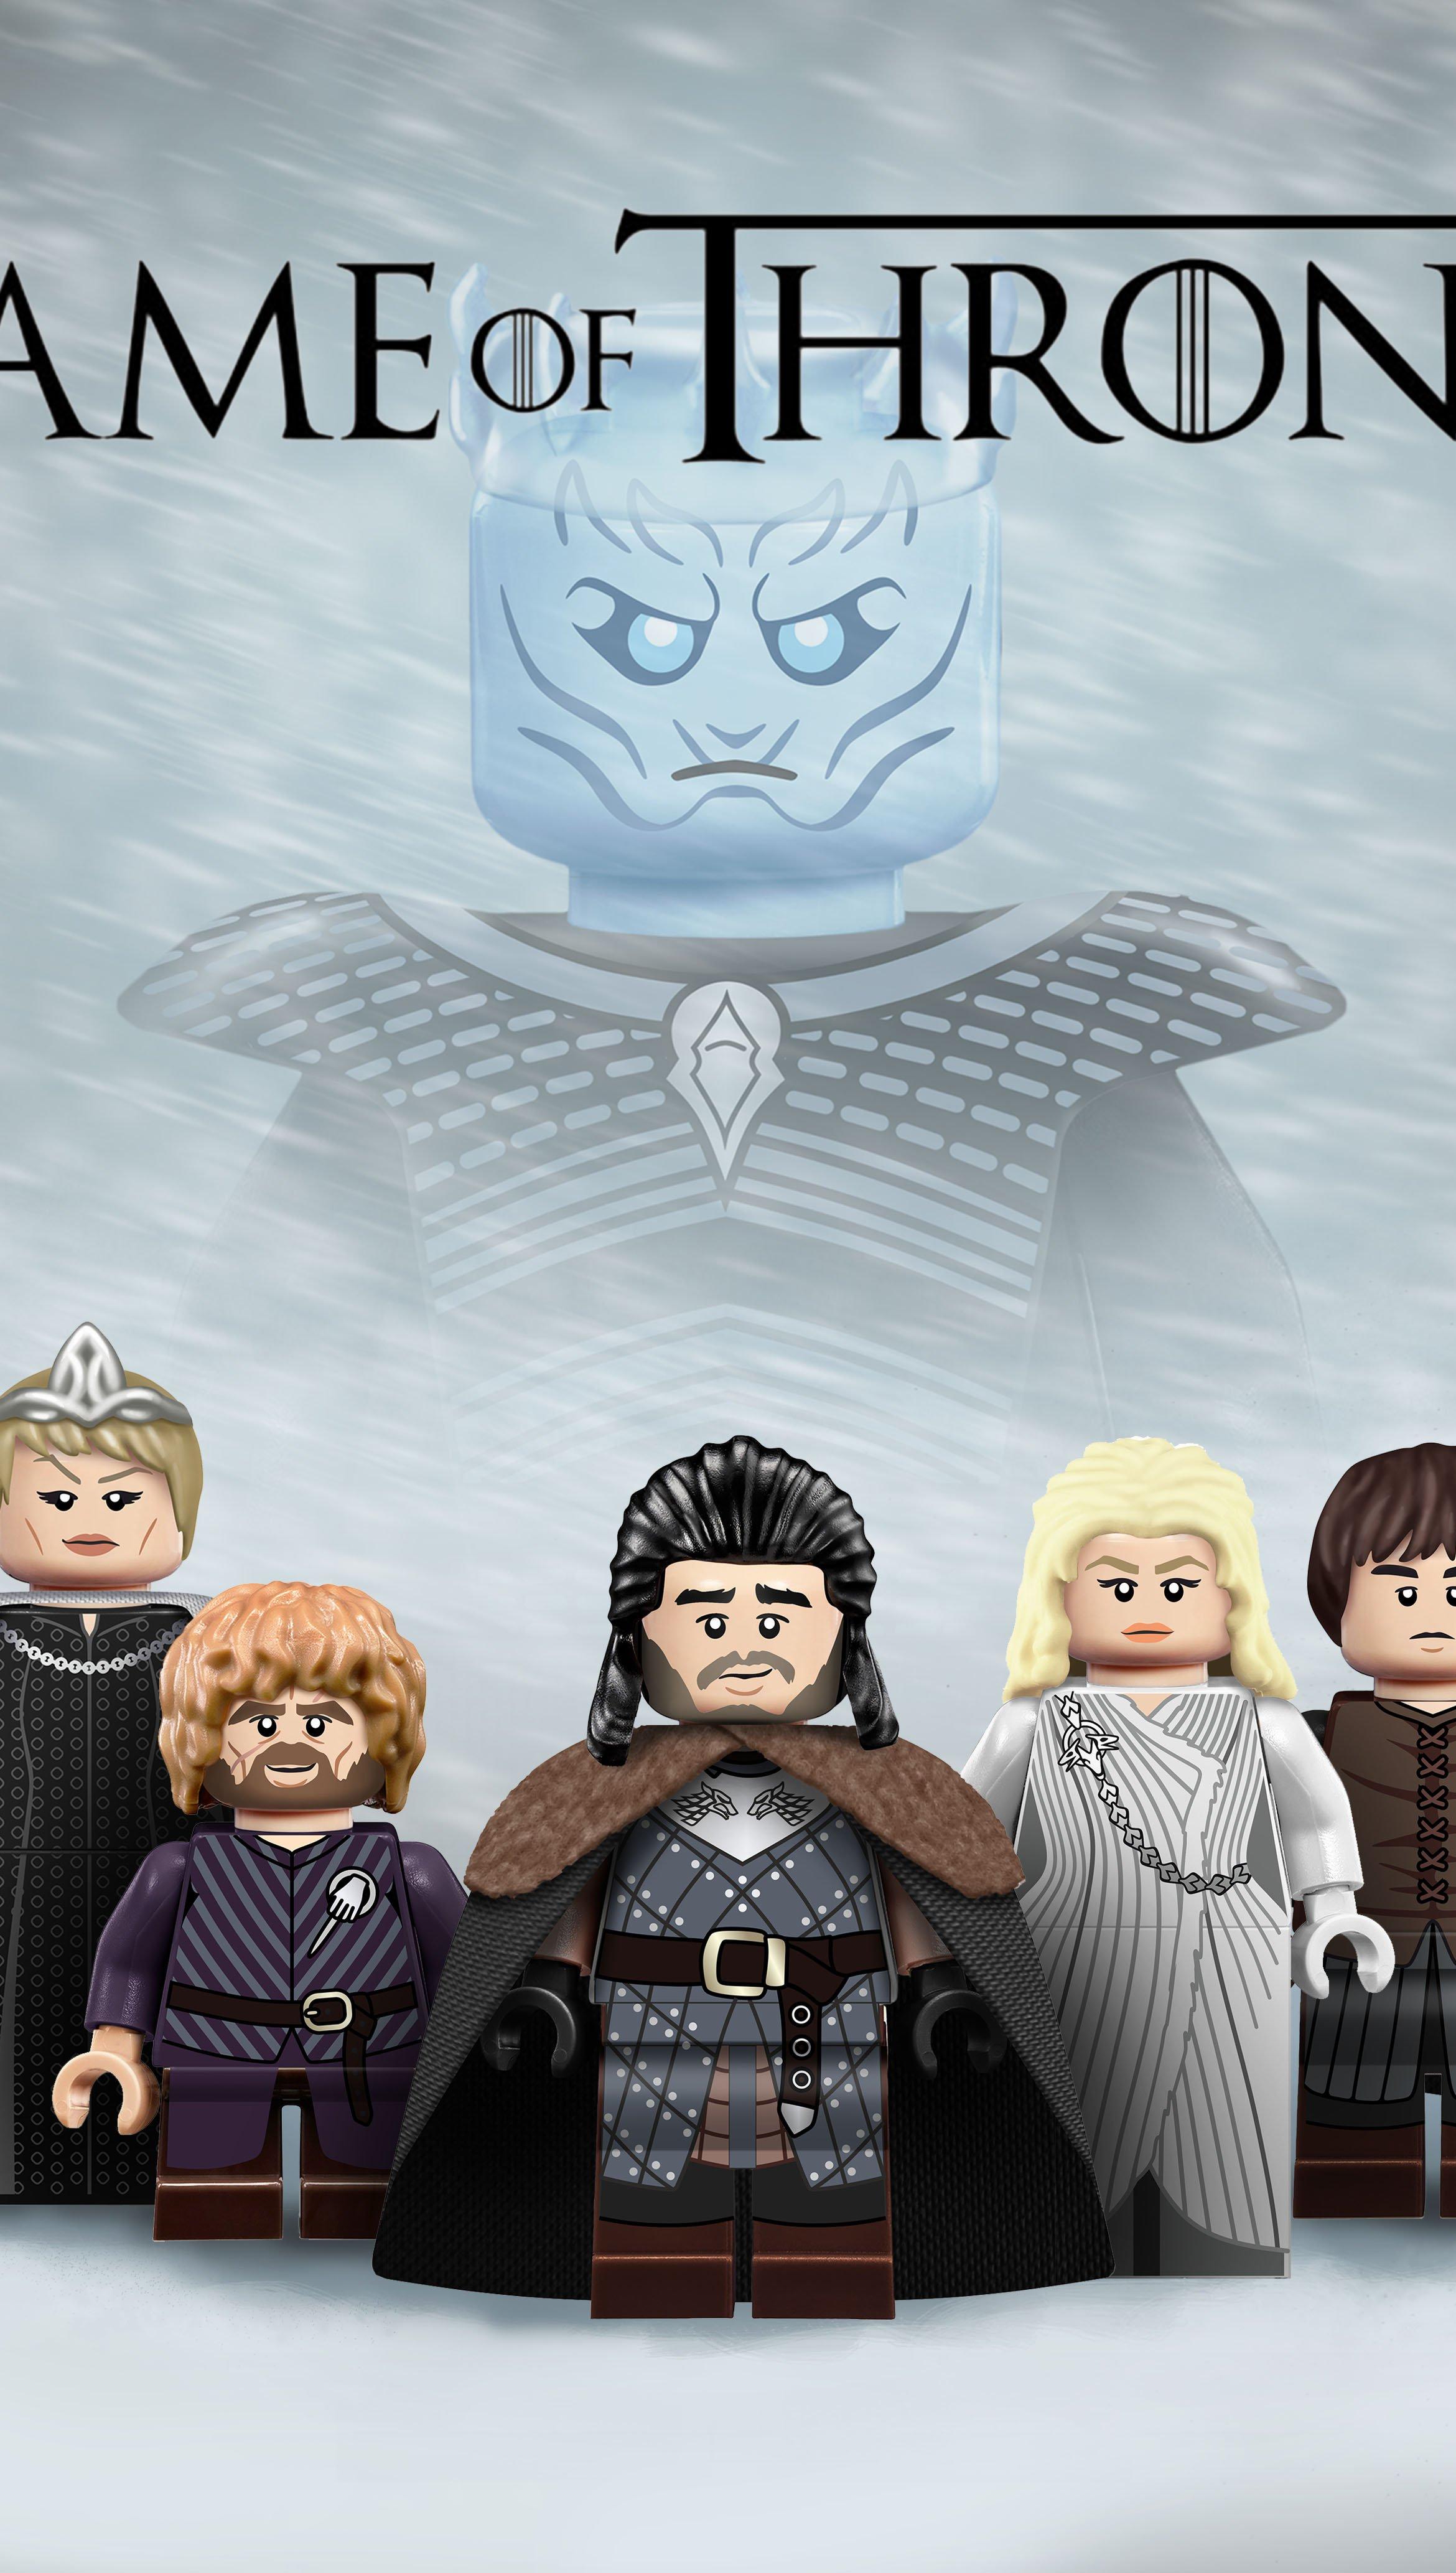 Fondos de pantalla Lego Game of Thrones Vertical